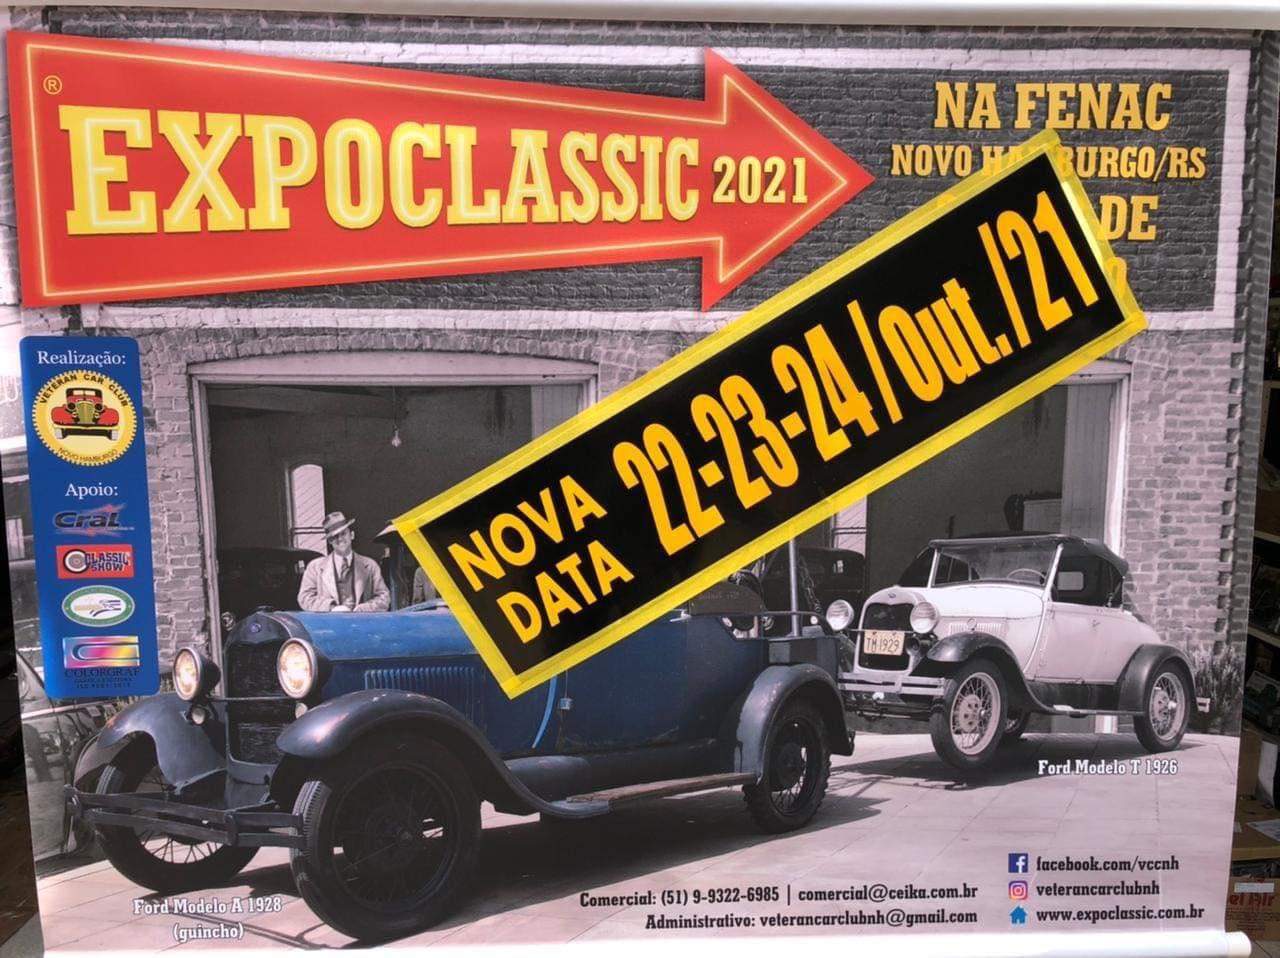 EXPOCLASSIC 2021 de 22 a 24 de outubro em Novo Hamburgo/RS